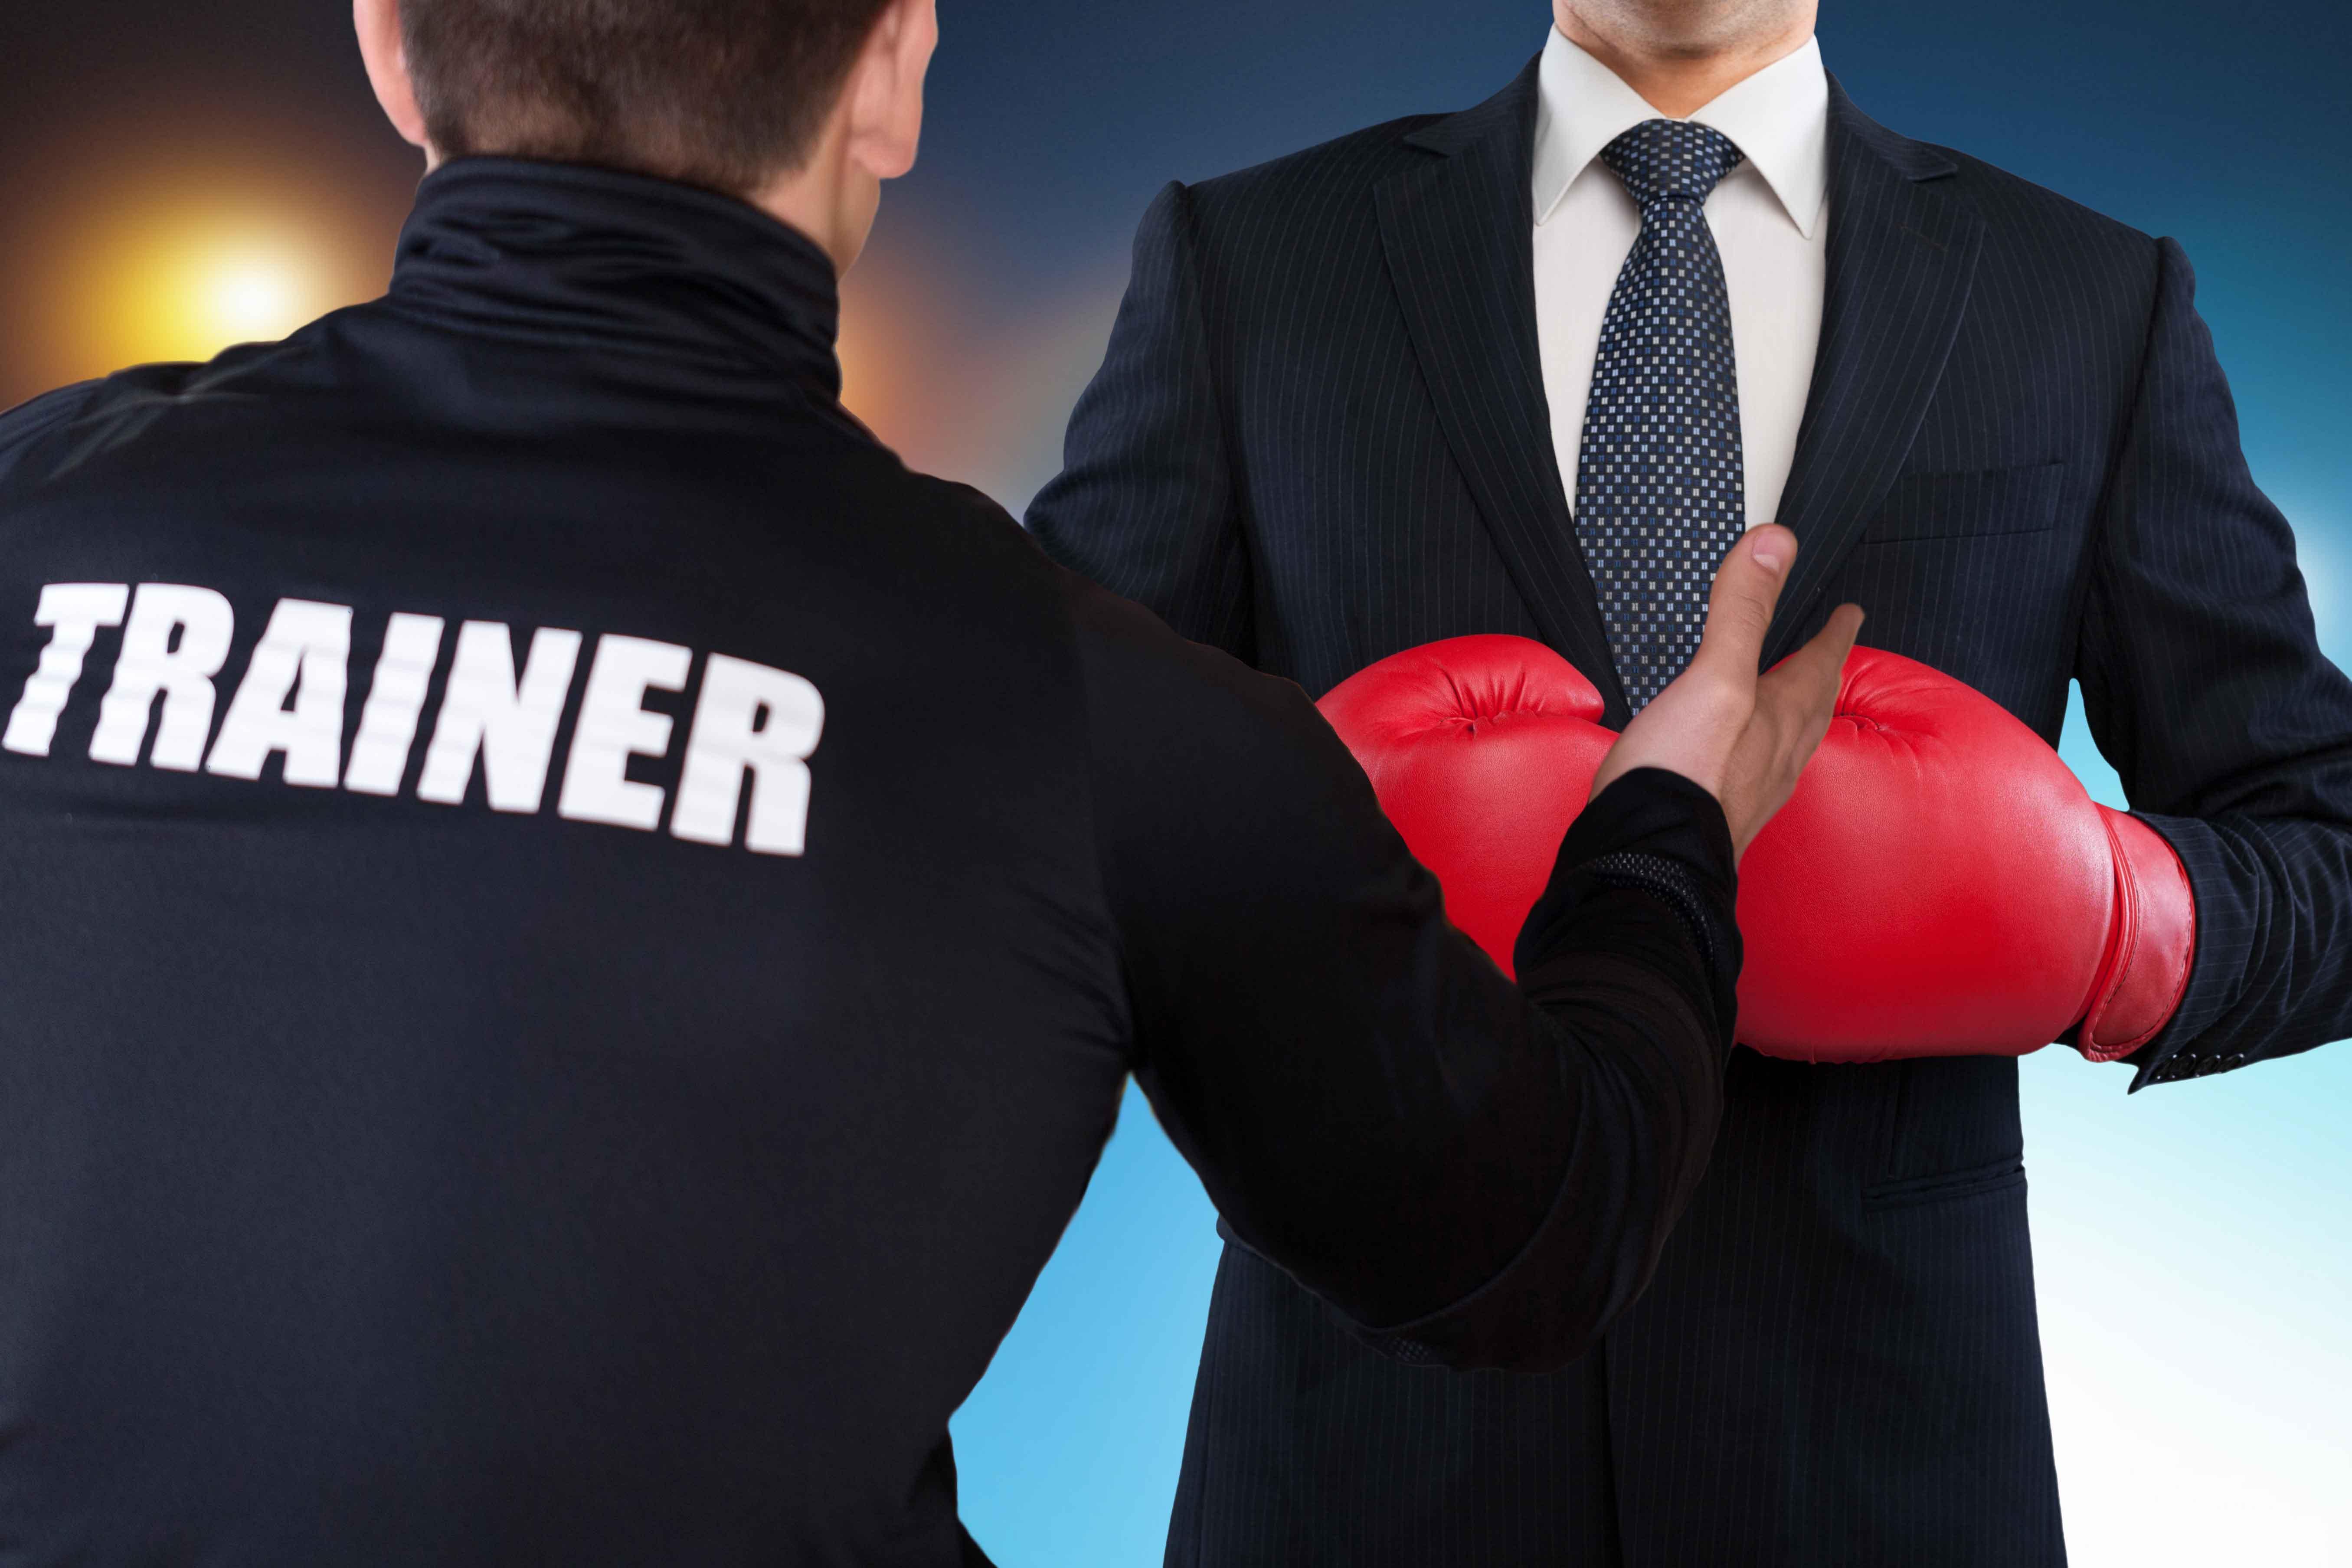 7 gute Gründe warum Du als Trainer eine Top-Rechtsschutzversicherung brauchst